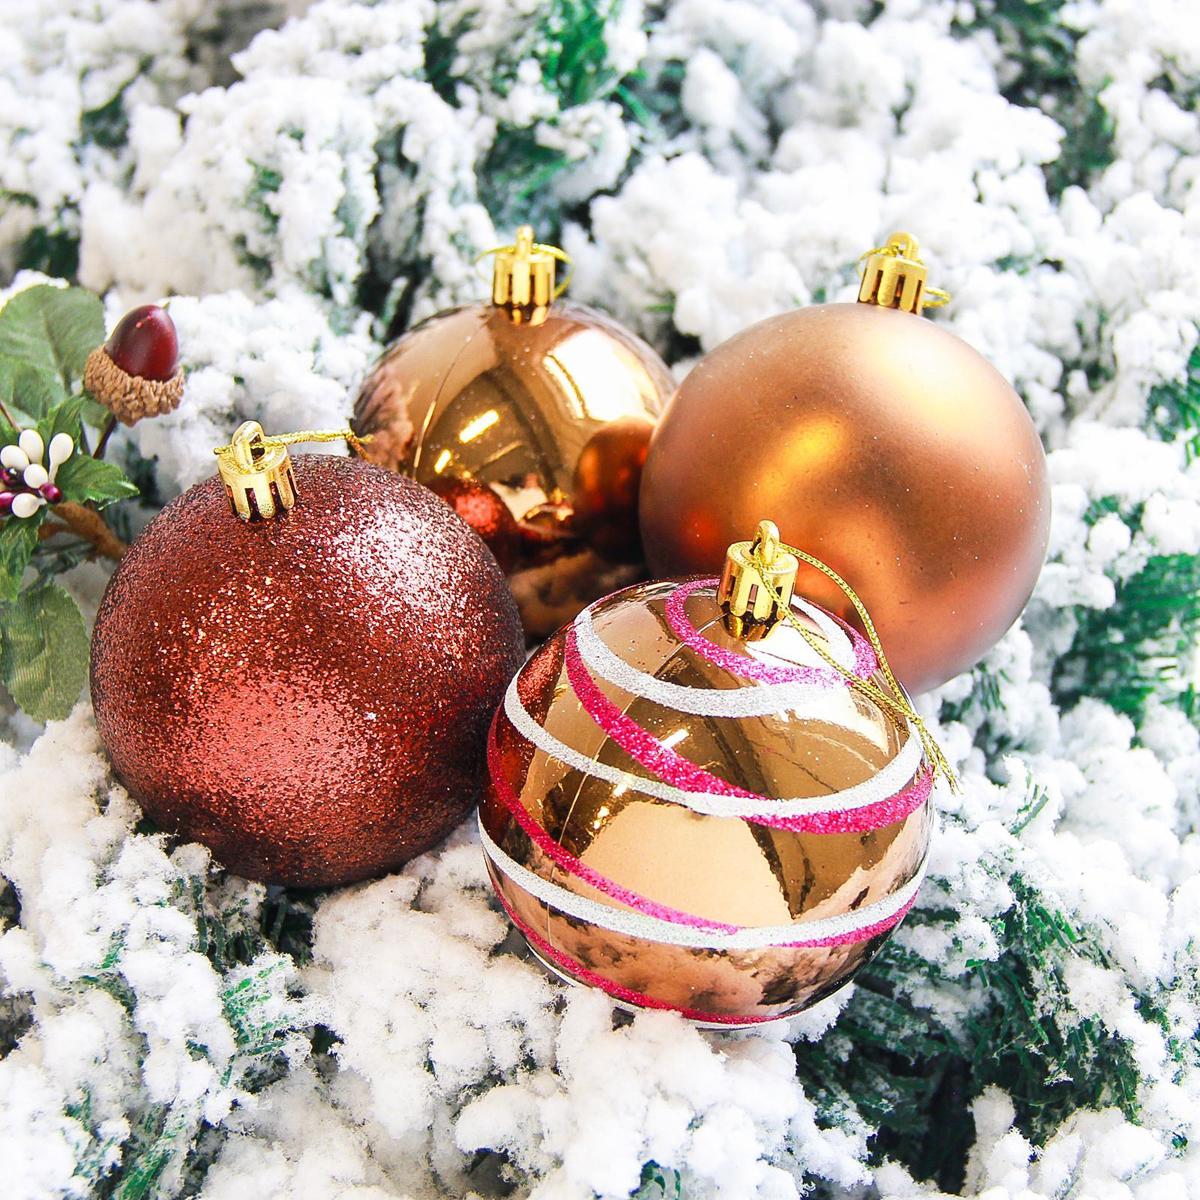 Набор новогодних подвесных украшений Sima-land Орион, цвет: шоколадный, диаметр 8 см, 6 шт свеча ароматизированная sima land лимон на подставке высота 6 см